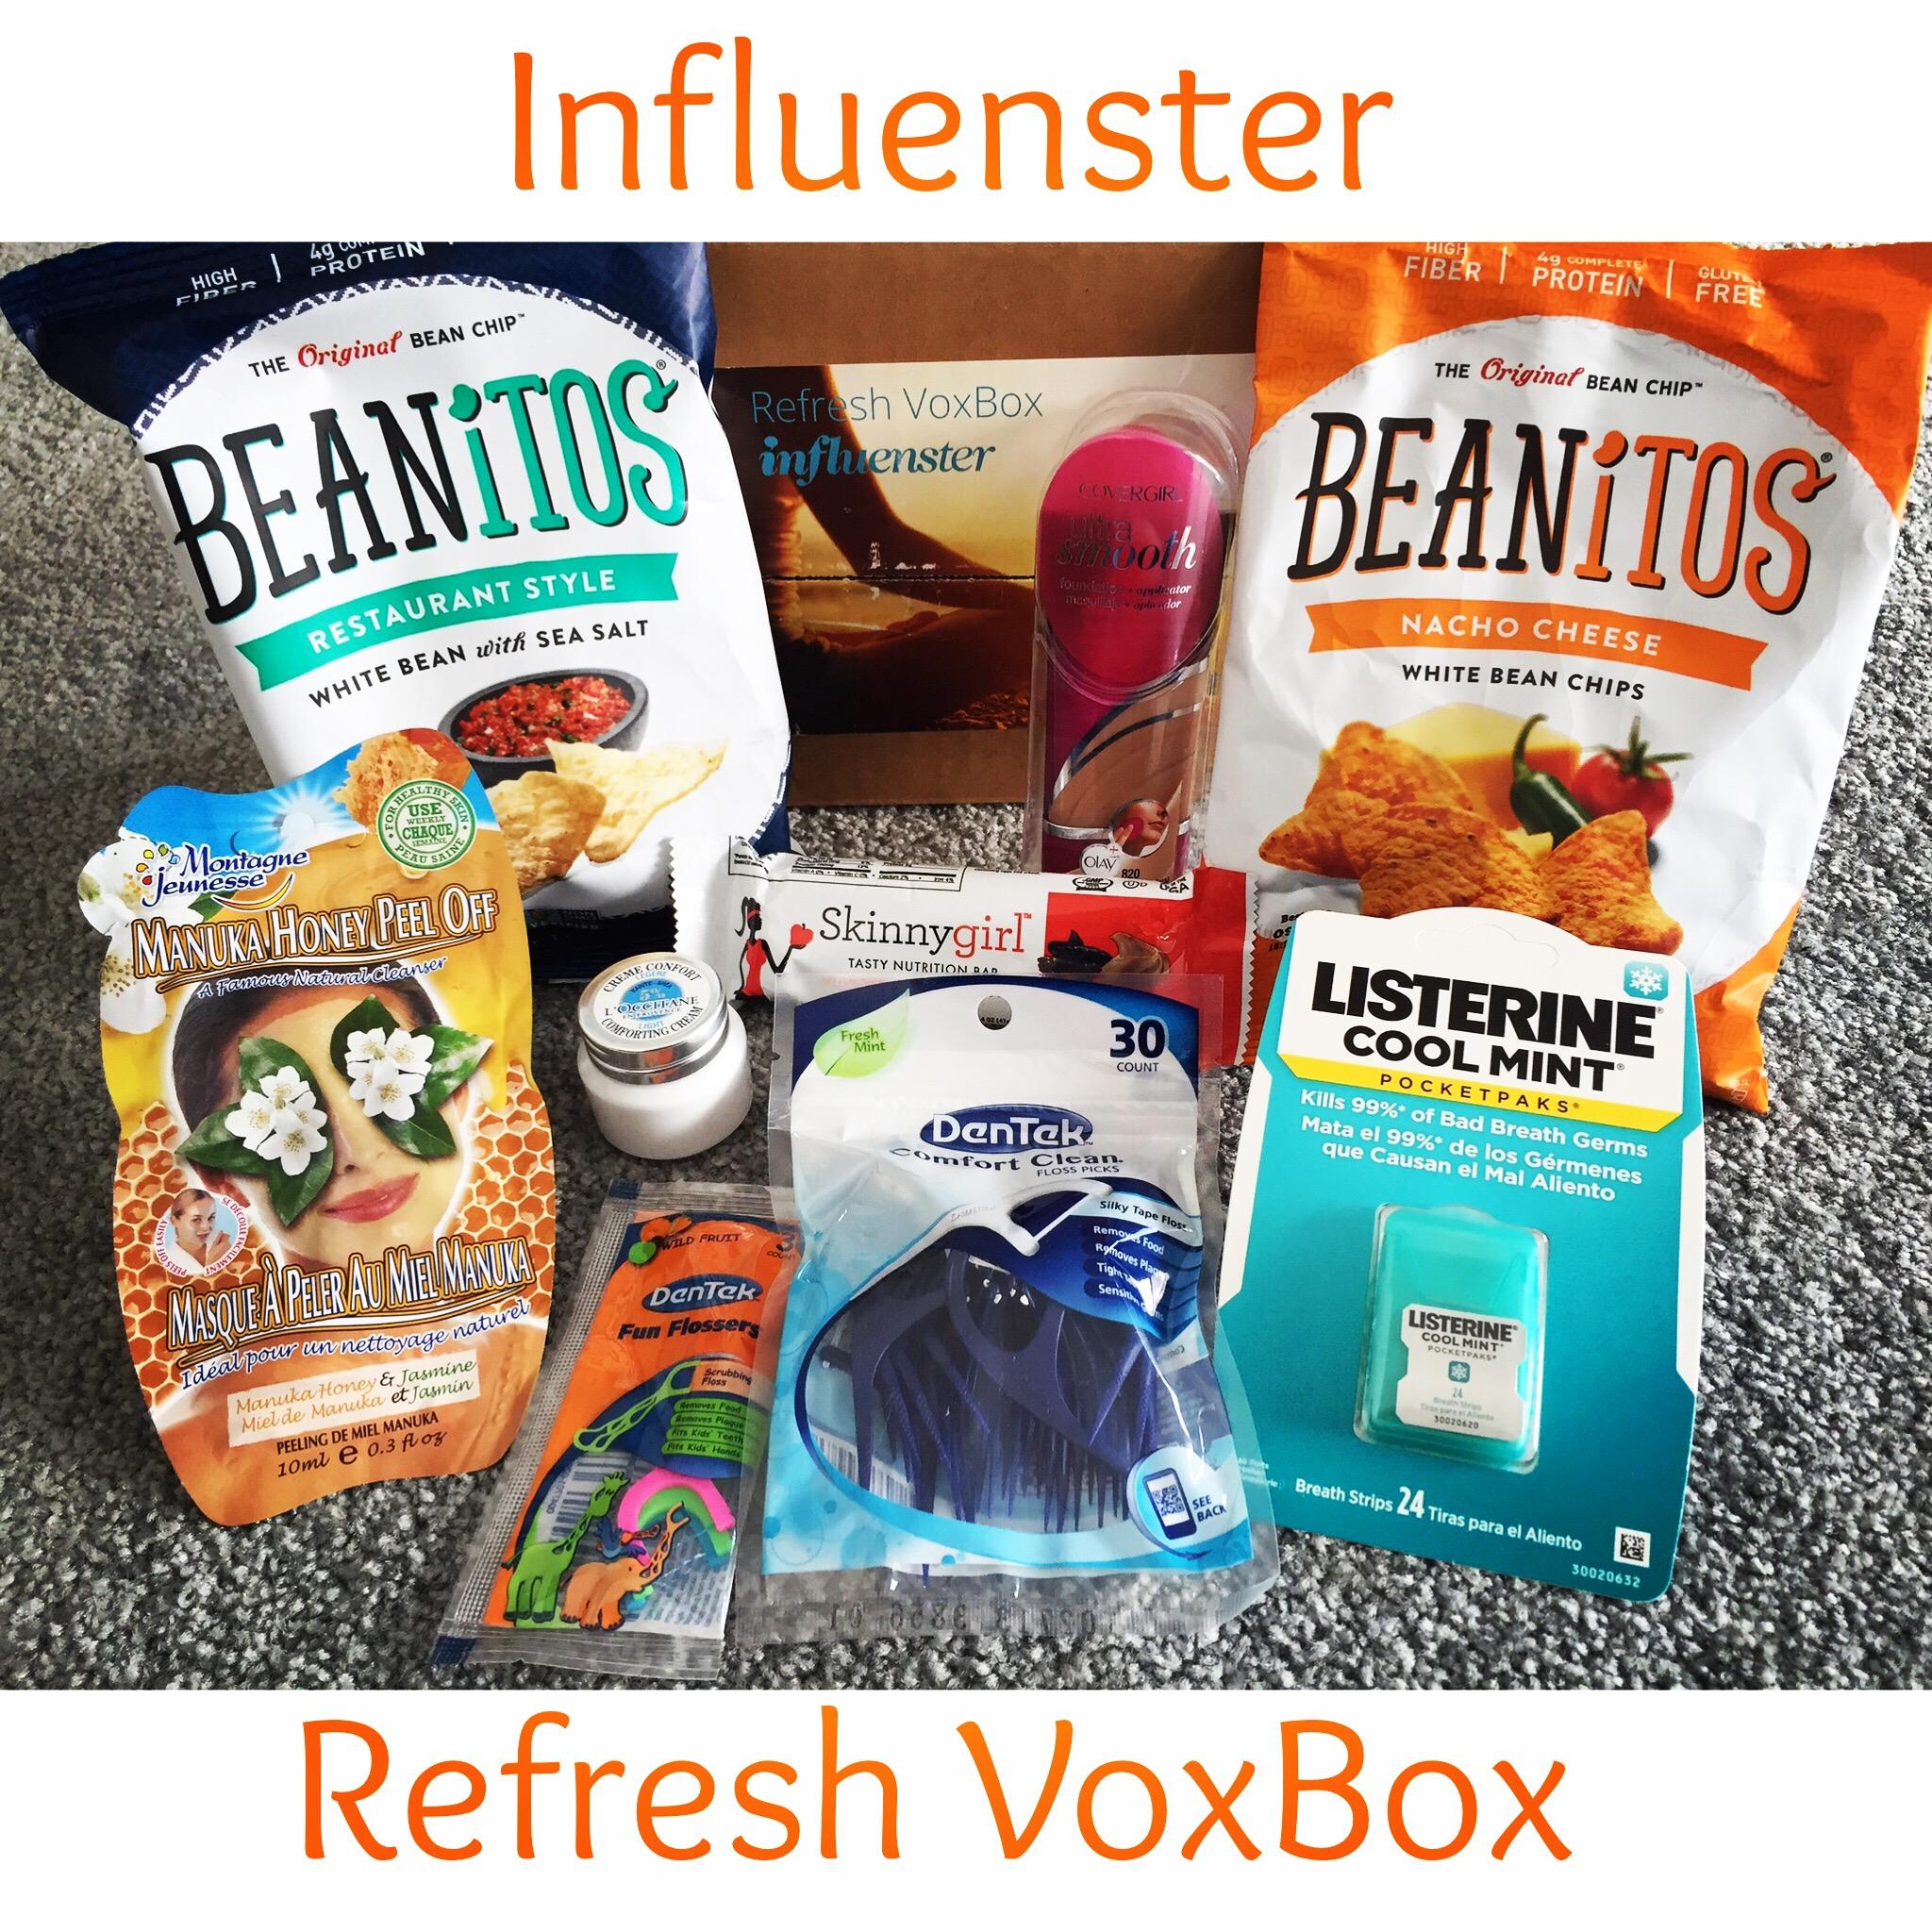 #Influenster #RefreshVoxBox Review!